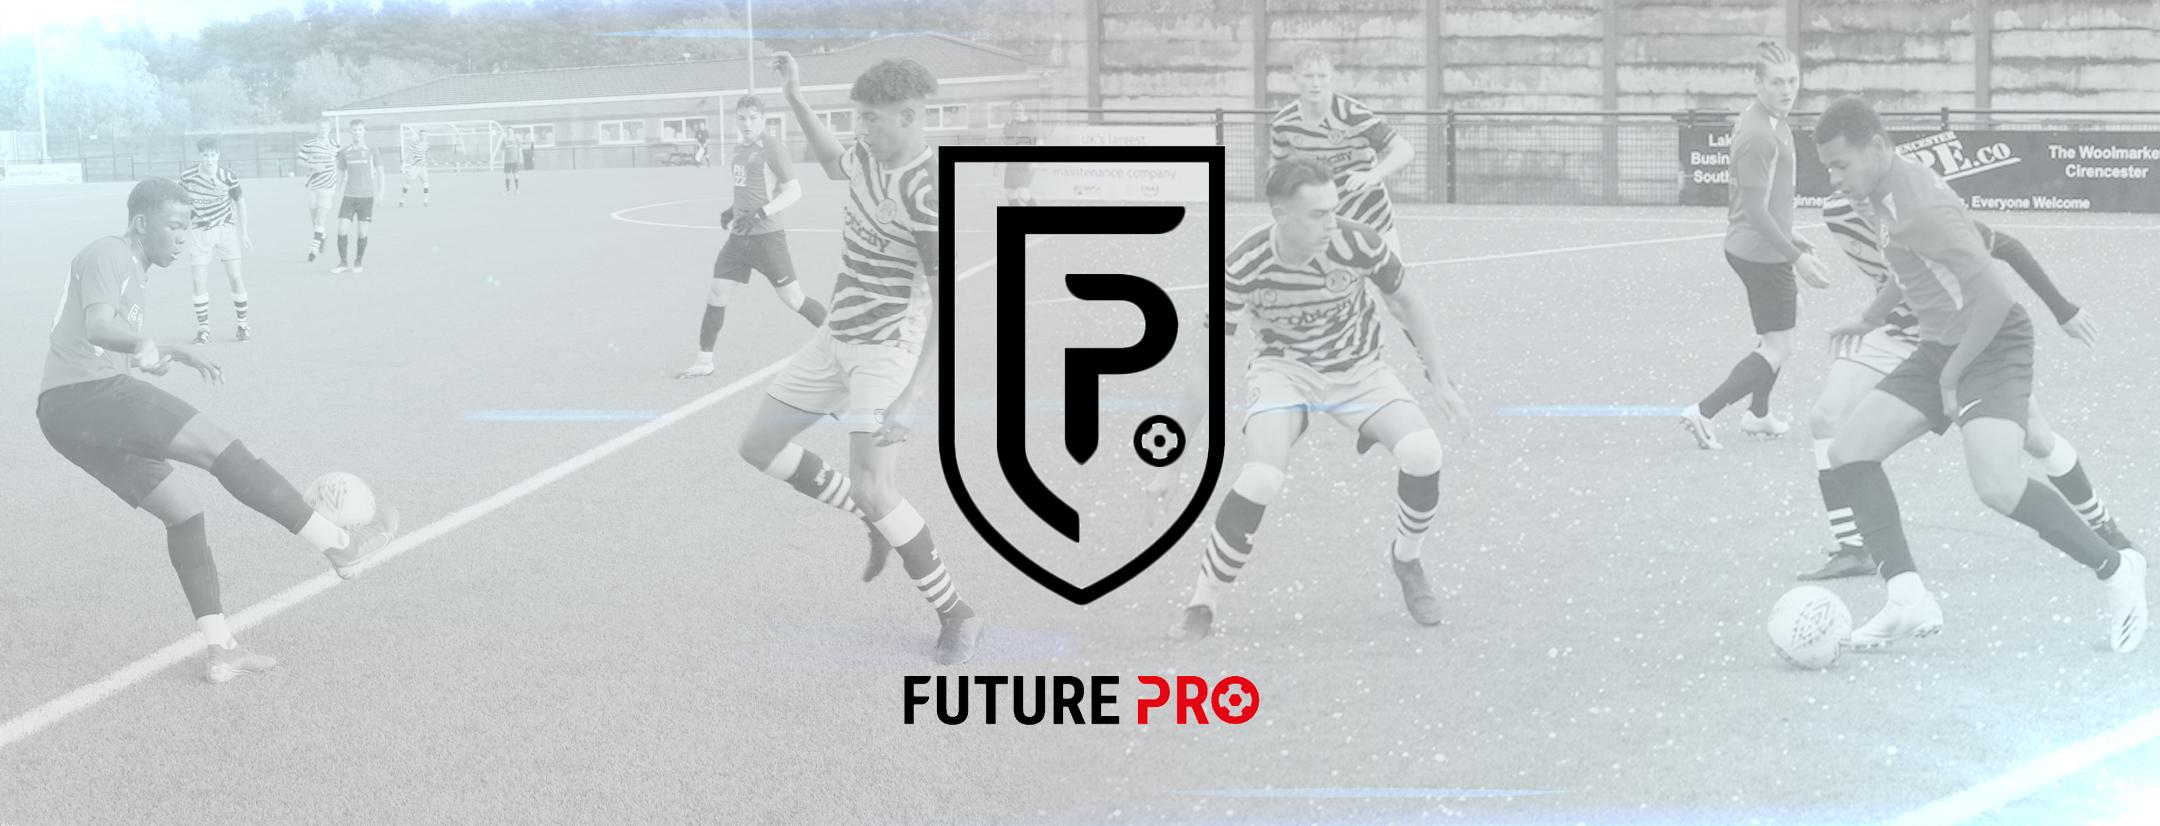 Future-pro